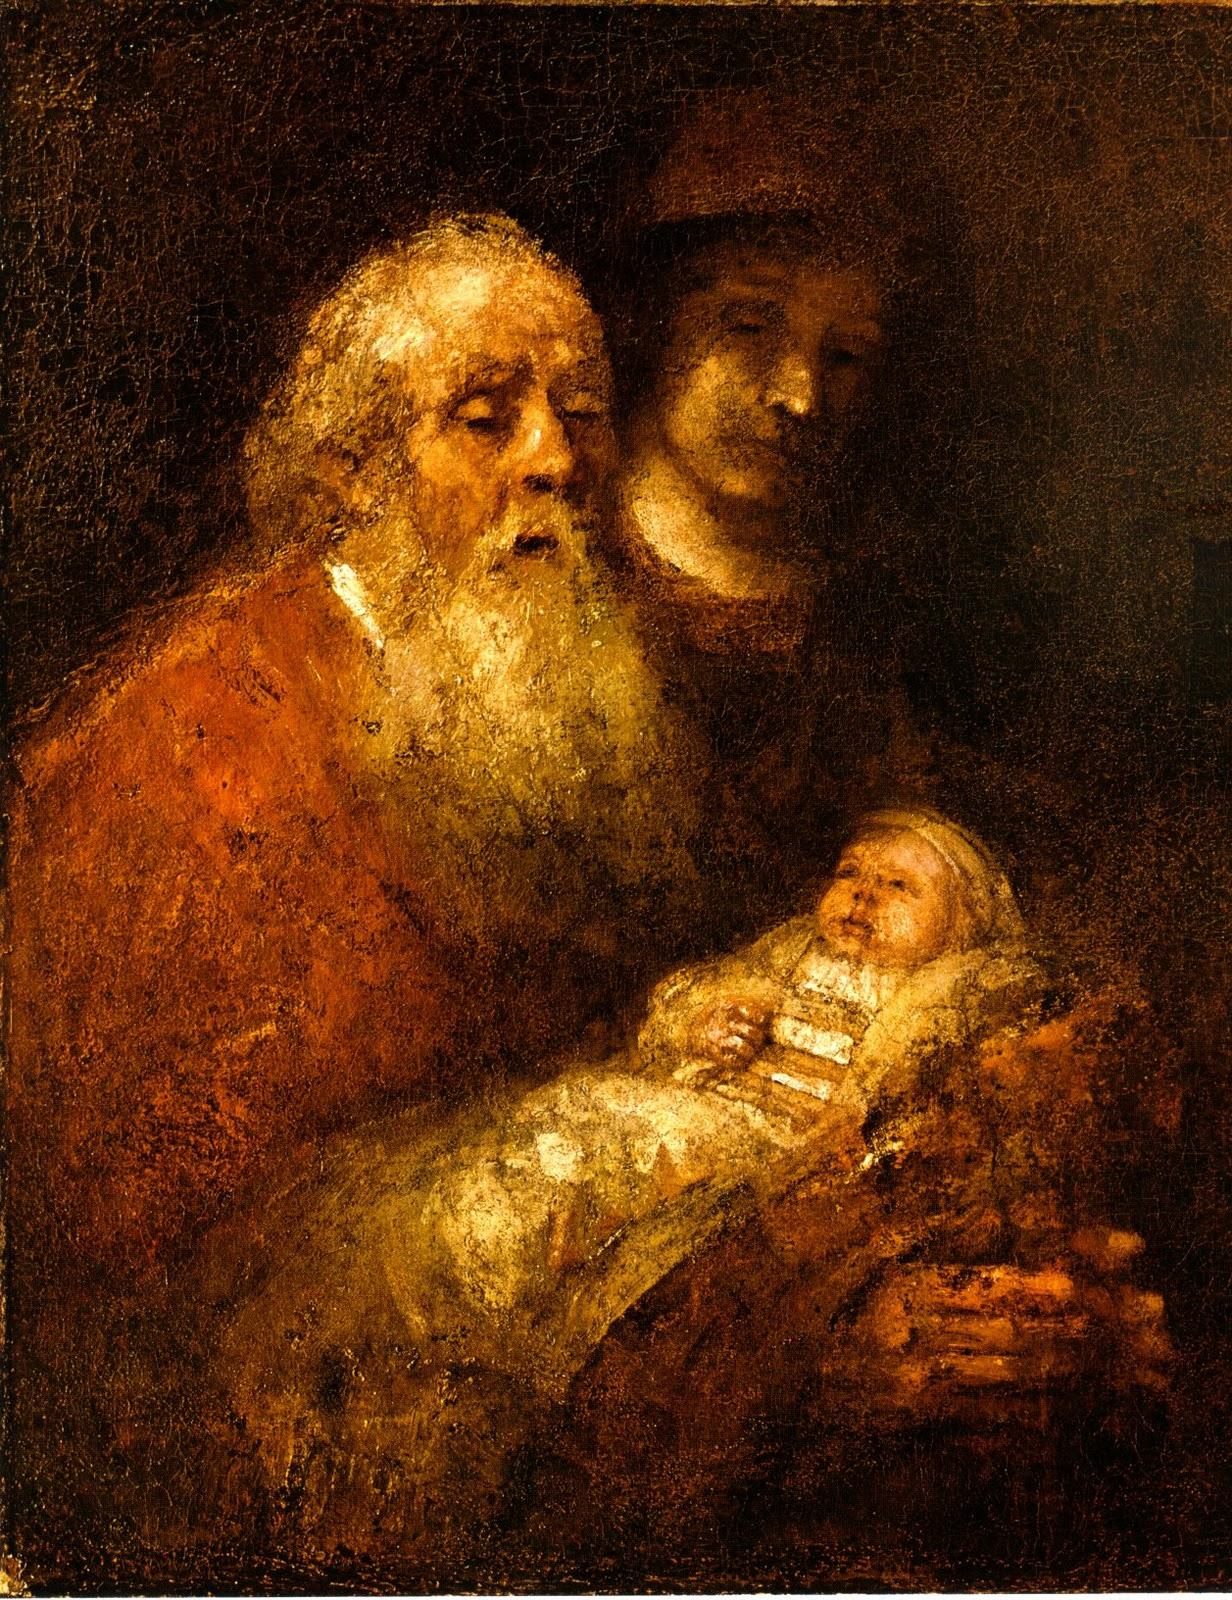 De aankondiging en geboorte van Johannes en Jezus – Evangelie van Lukas,  Herziene Statenvertaling | Spirituele teksten